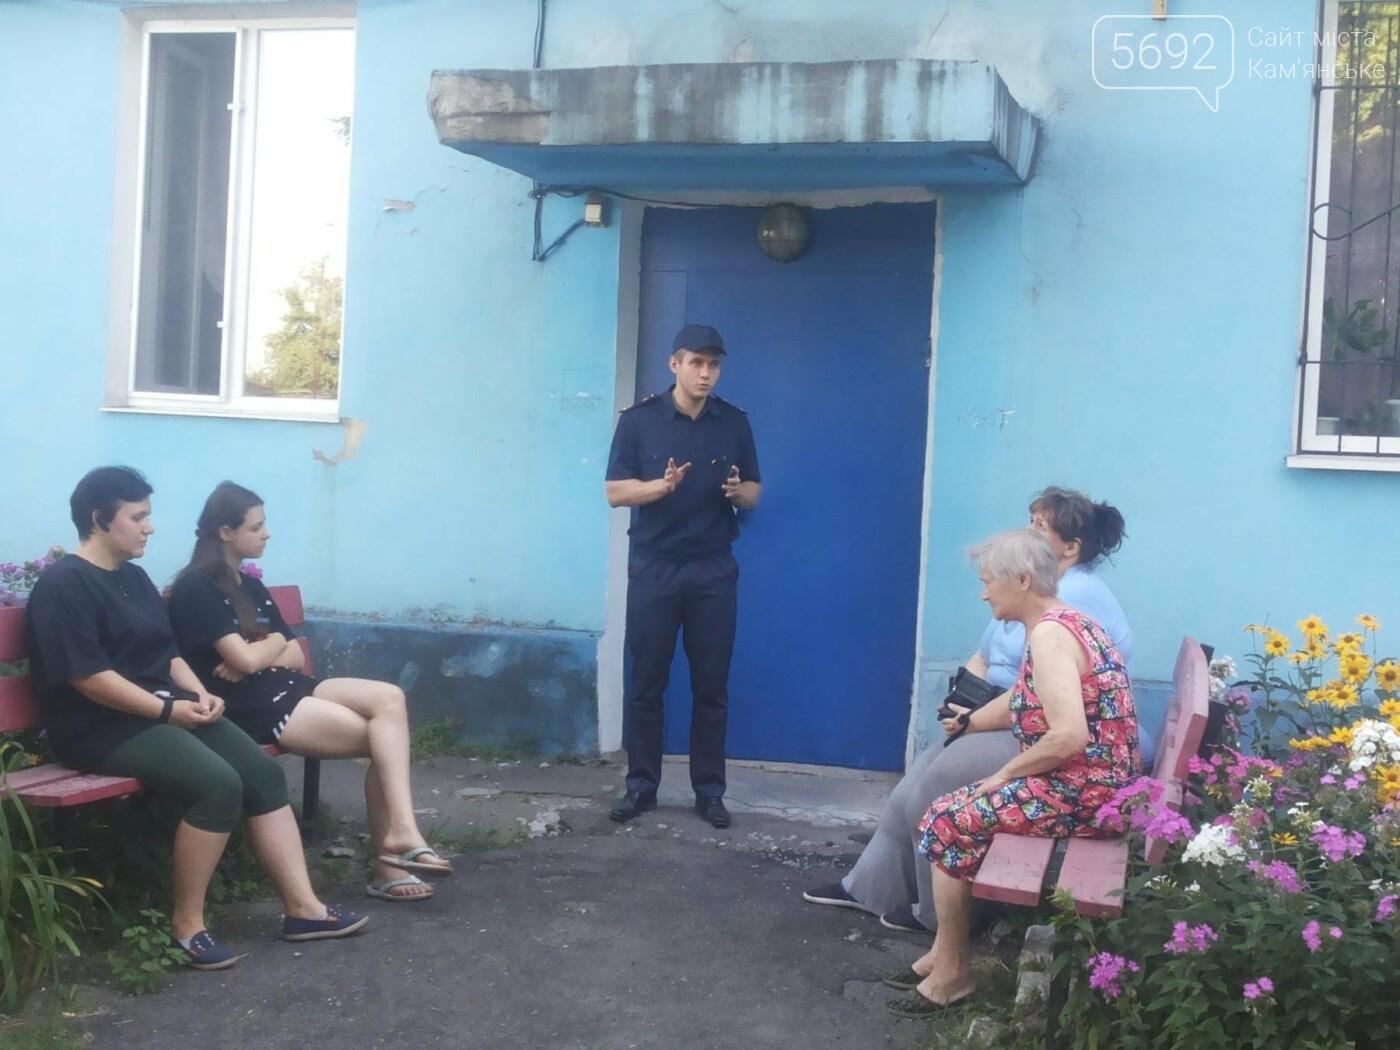 Спасатели Каменского провели лекцию для жителей ОСББ, фото-1